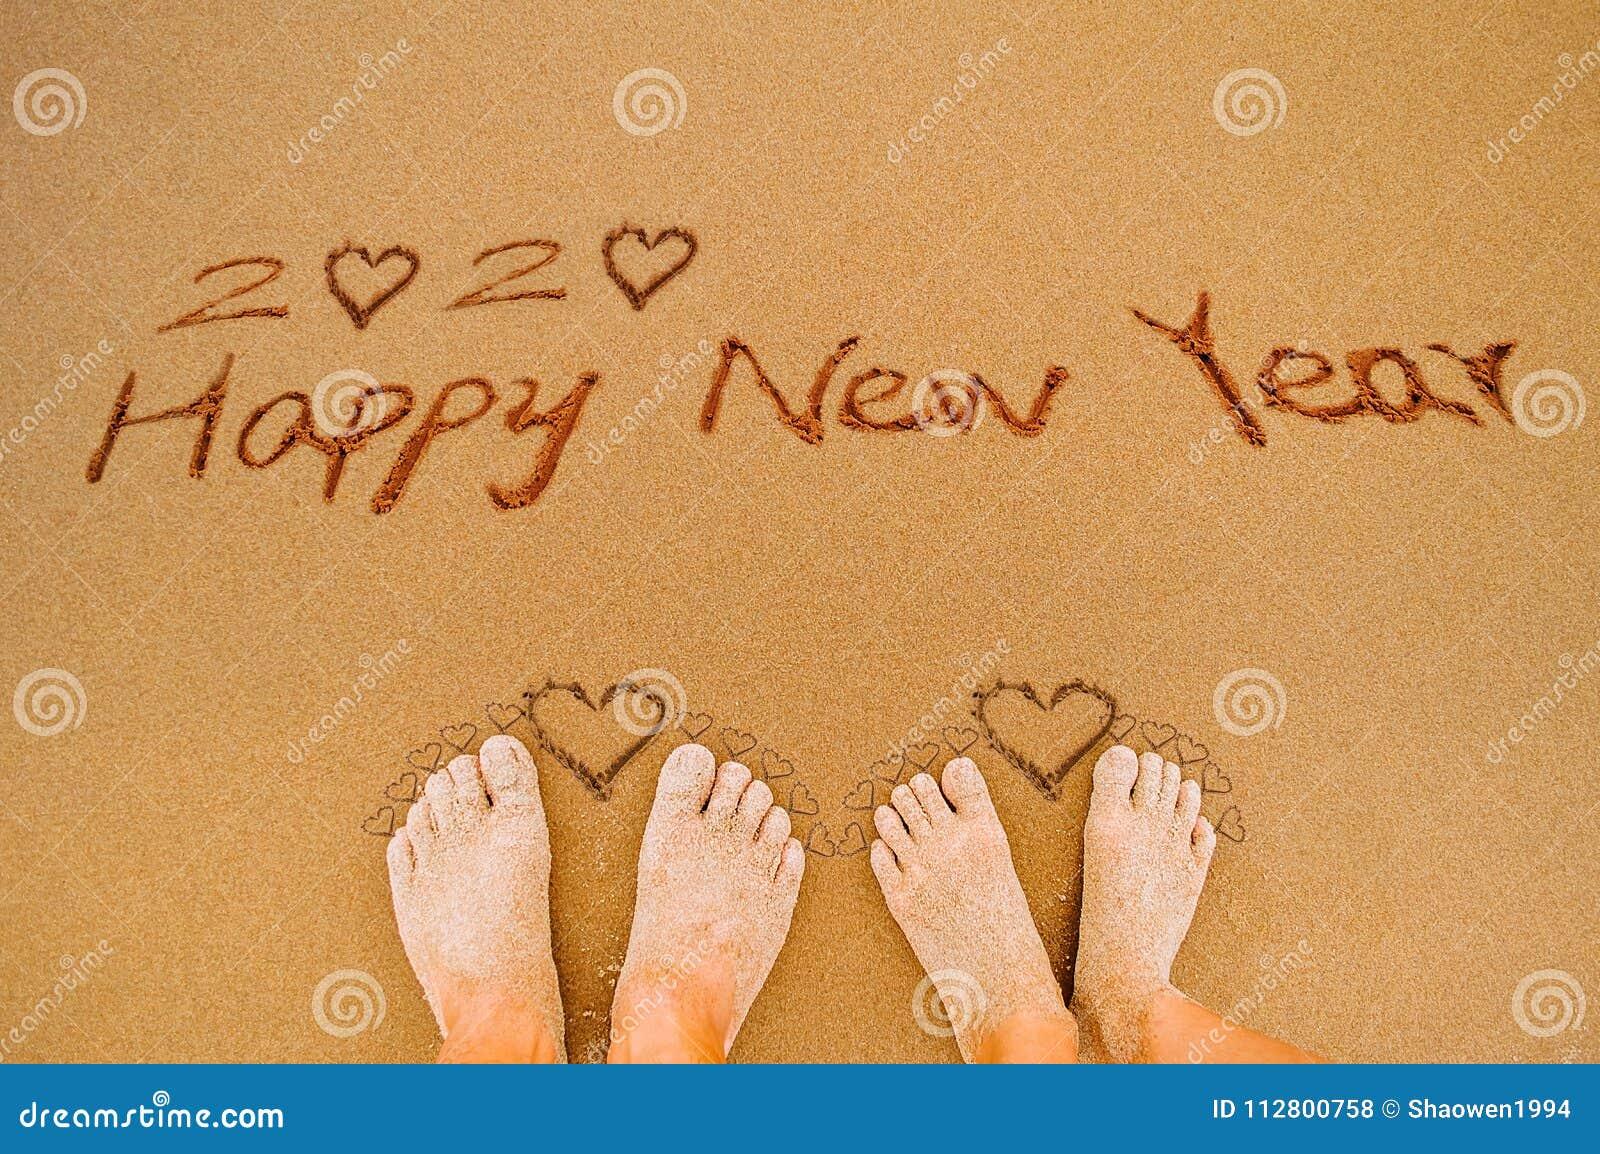 Lyckligt nytt år 2020 och vänfot